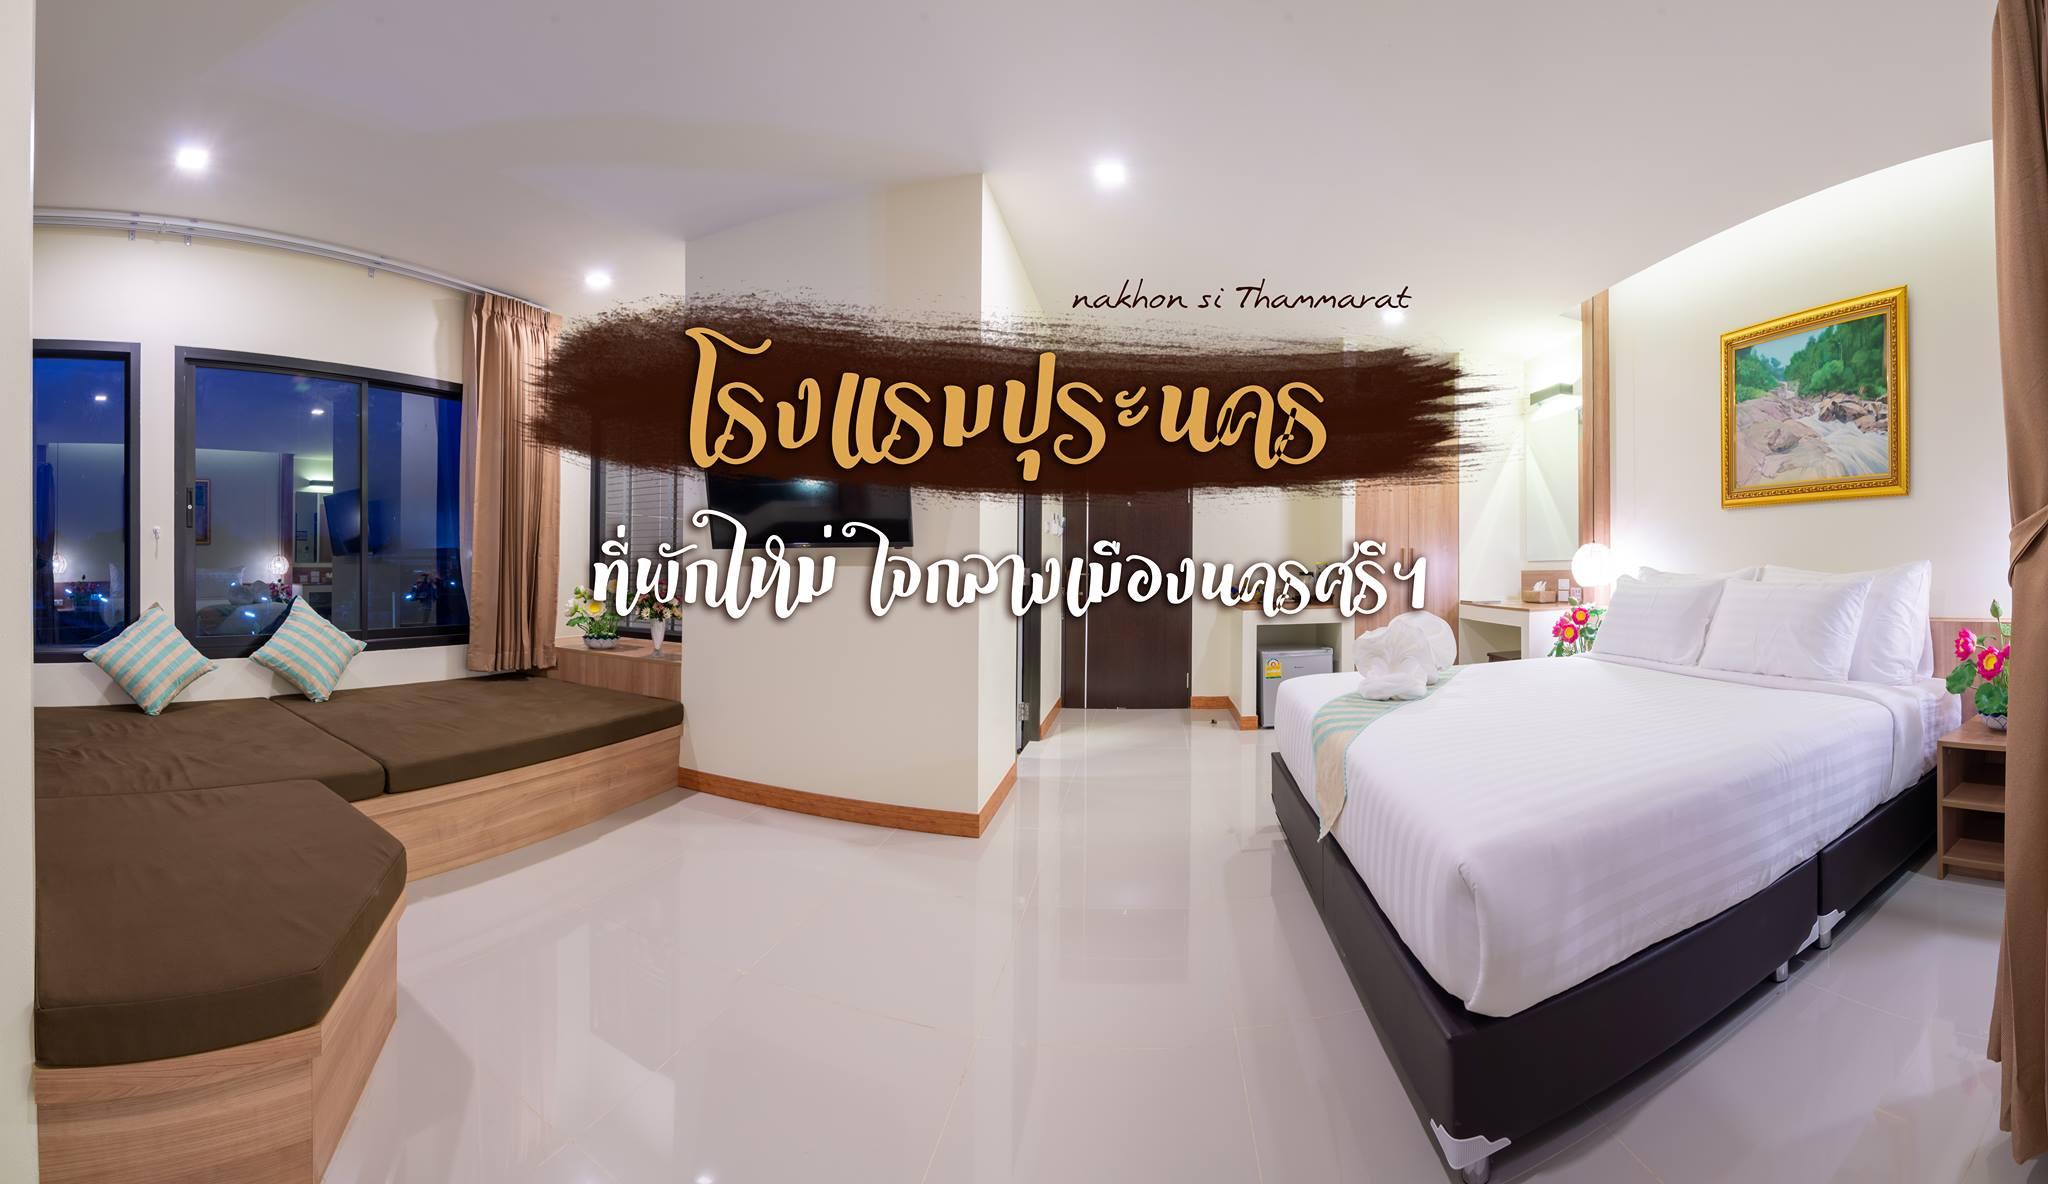 โรงแรมปุระนคร ที่พักใหม่ ใจกลางเมืองนครศรีธรรมราช ที่พักสบายๆพร้อมอาหารเช้า